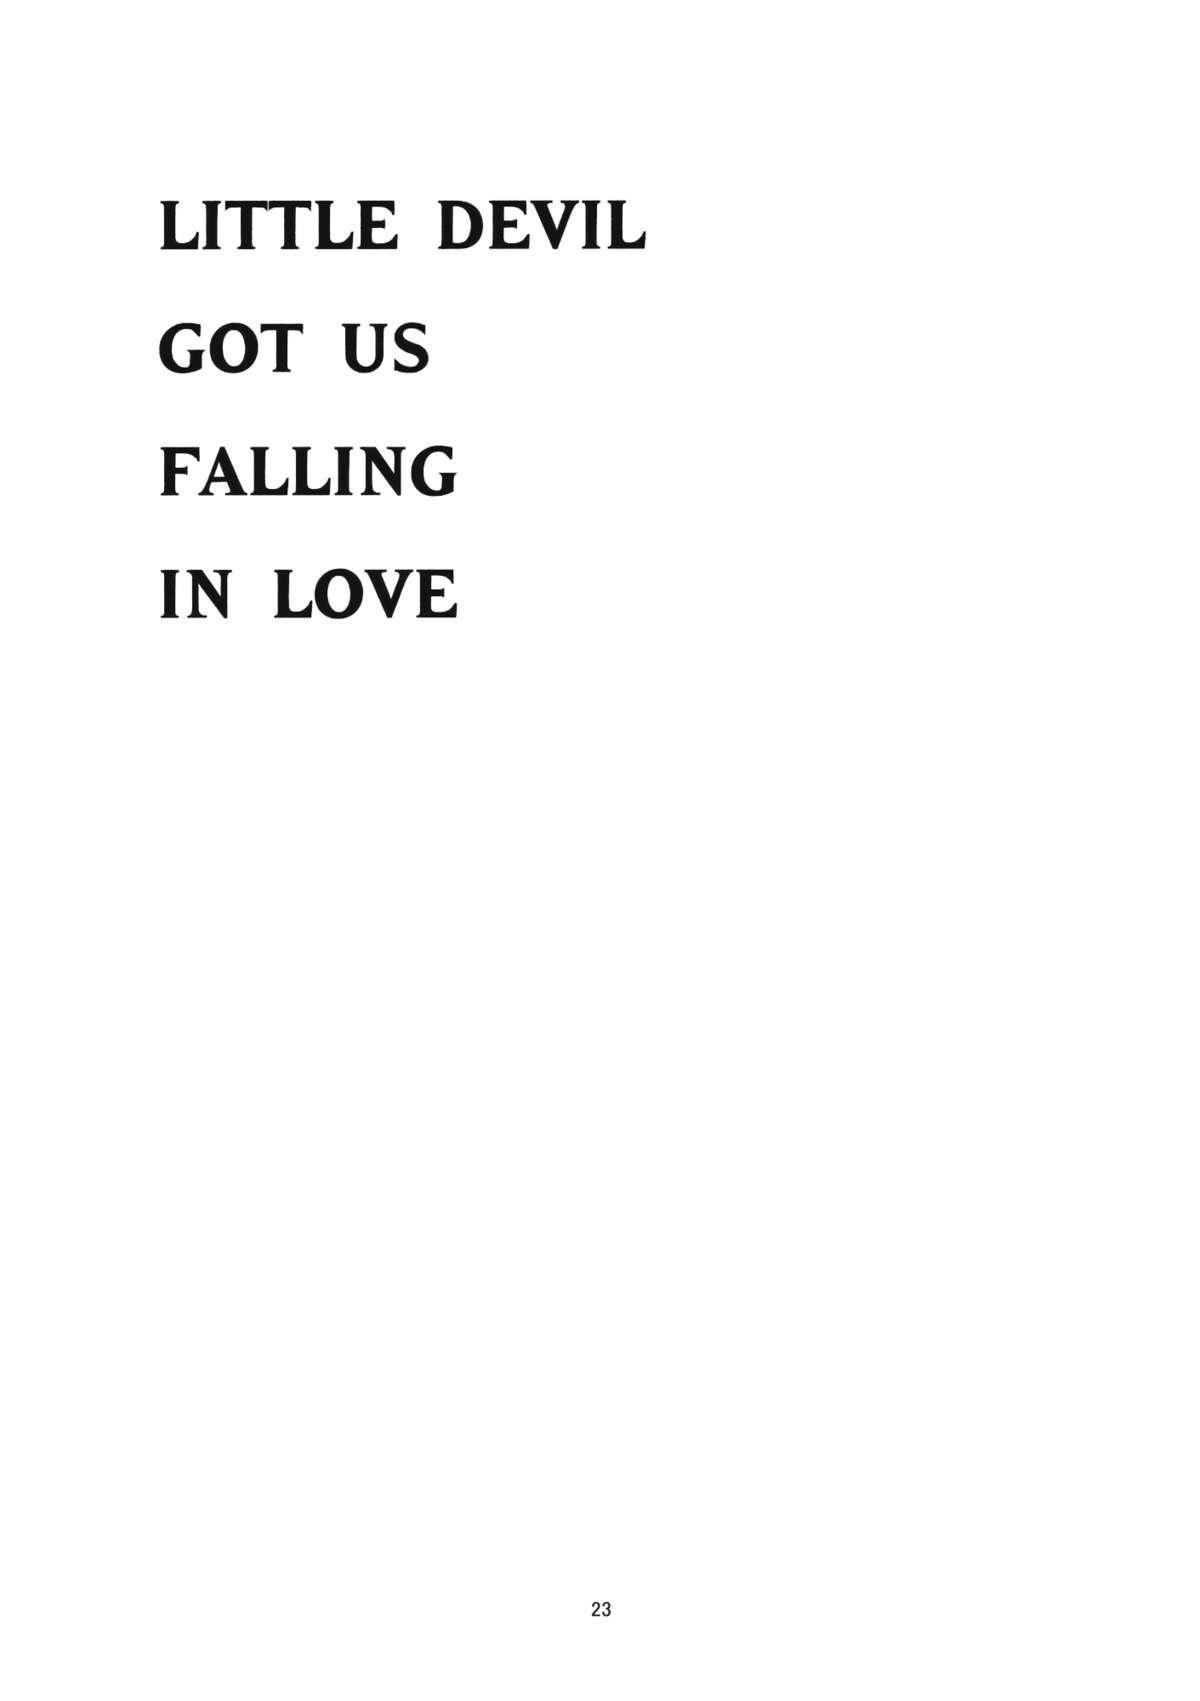 LITTLE DEVIL GOT US FALLING IN LOVE 21